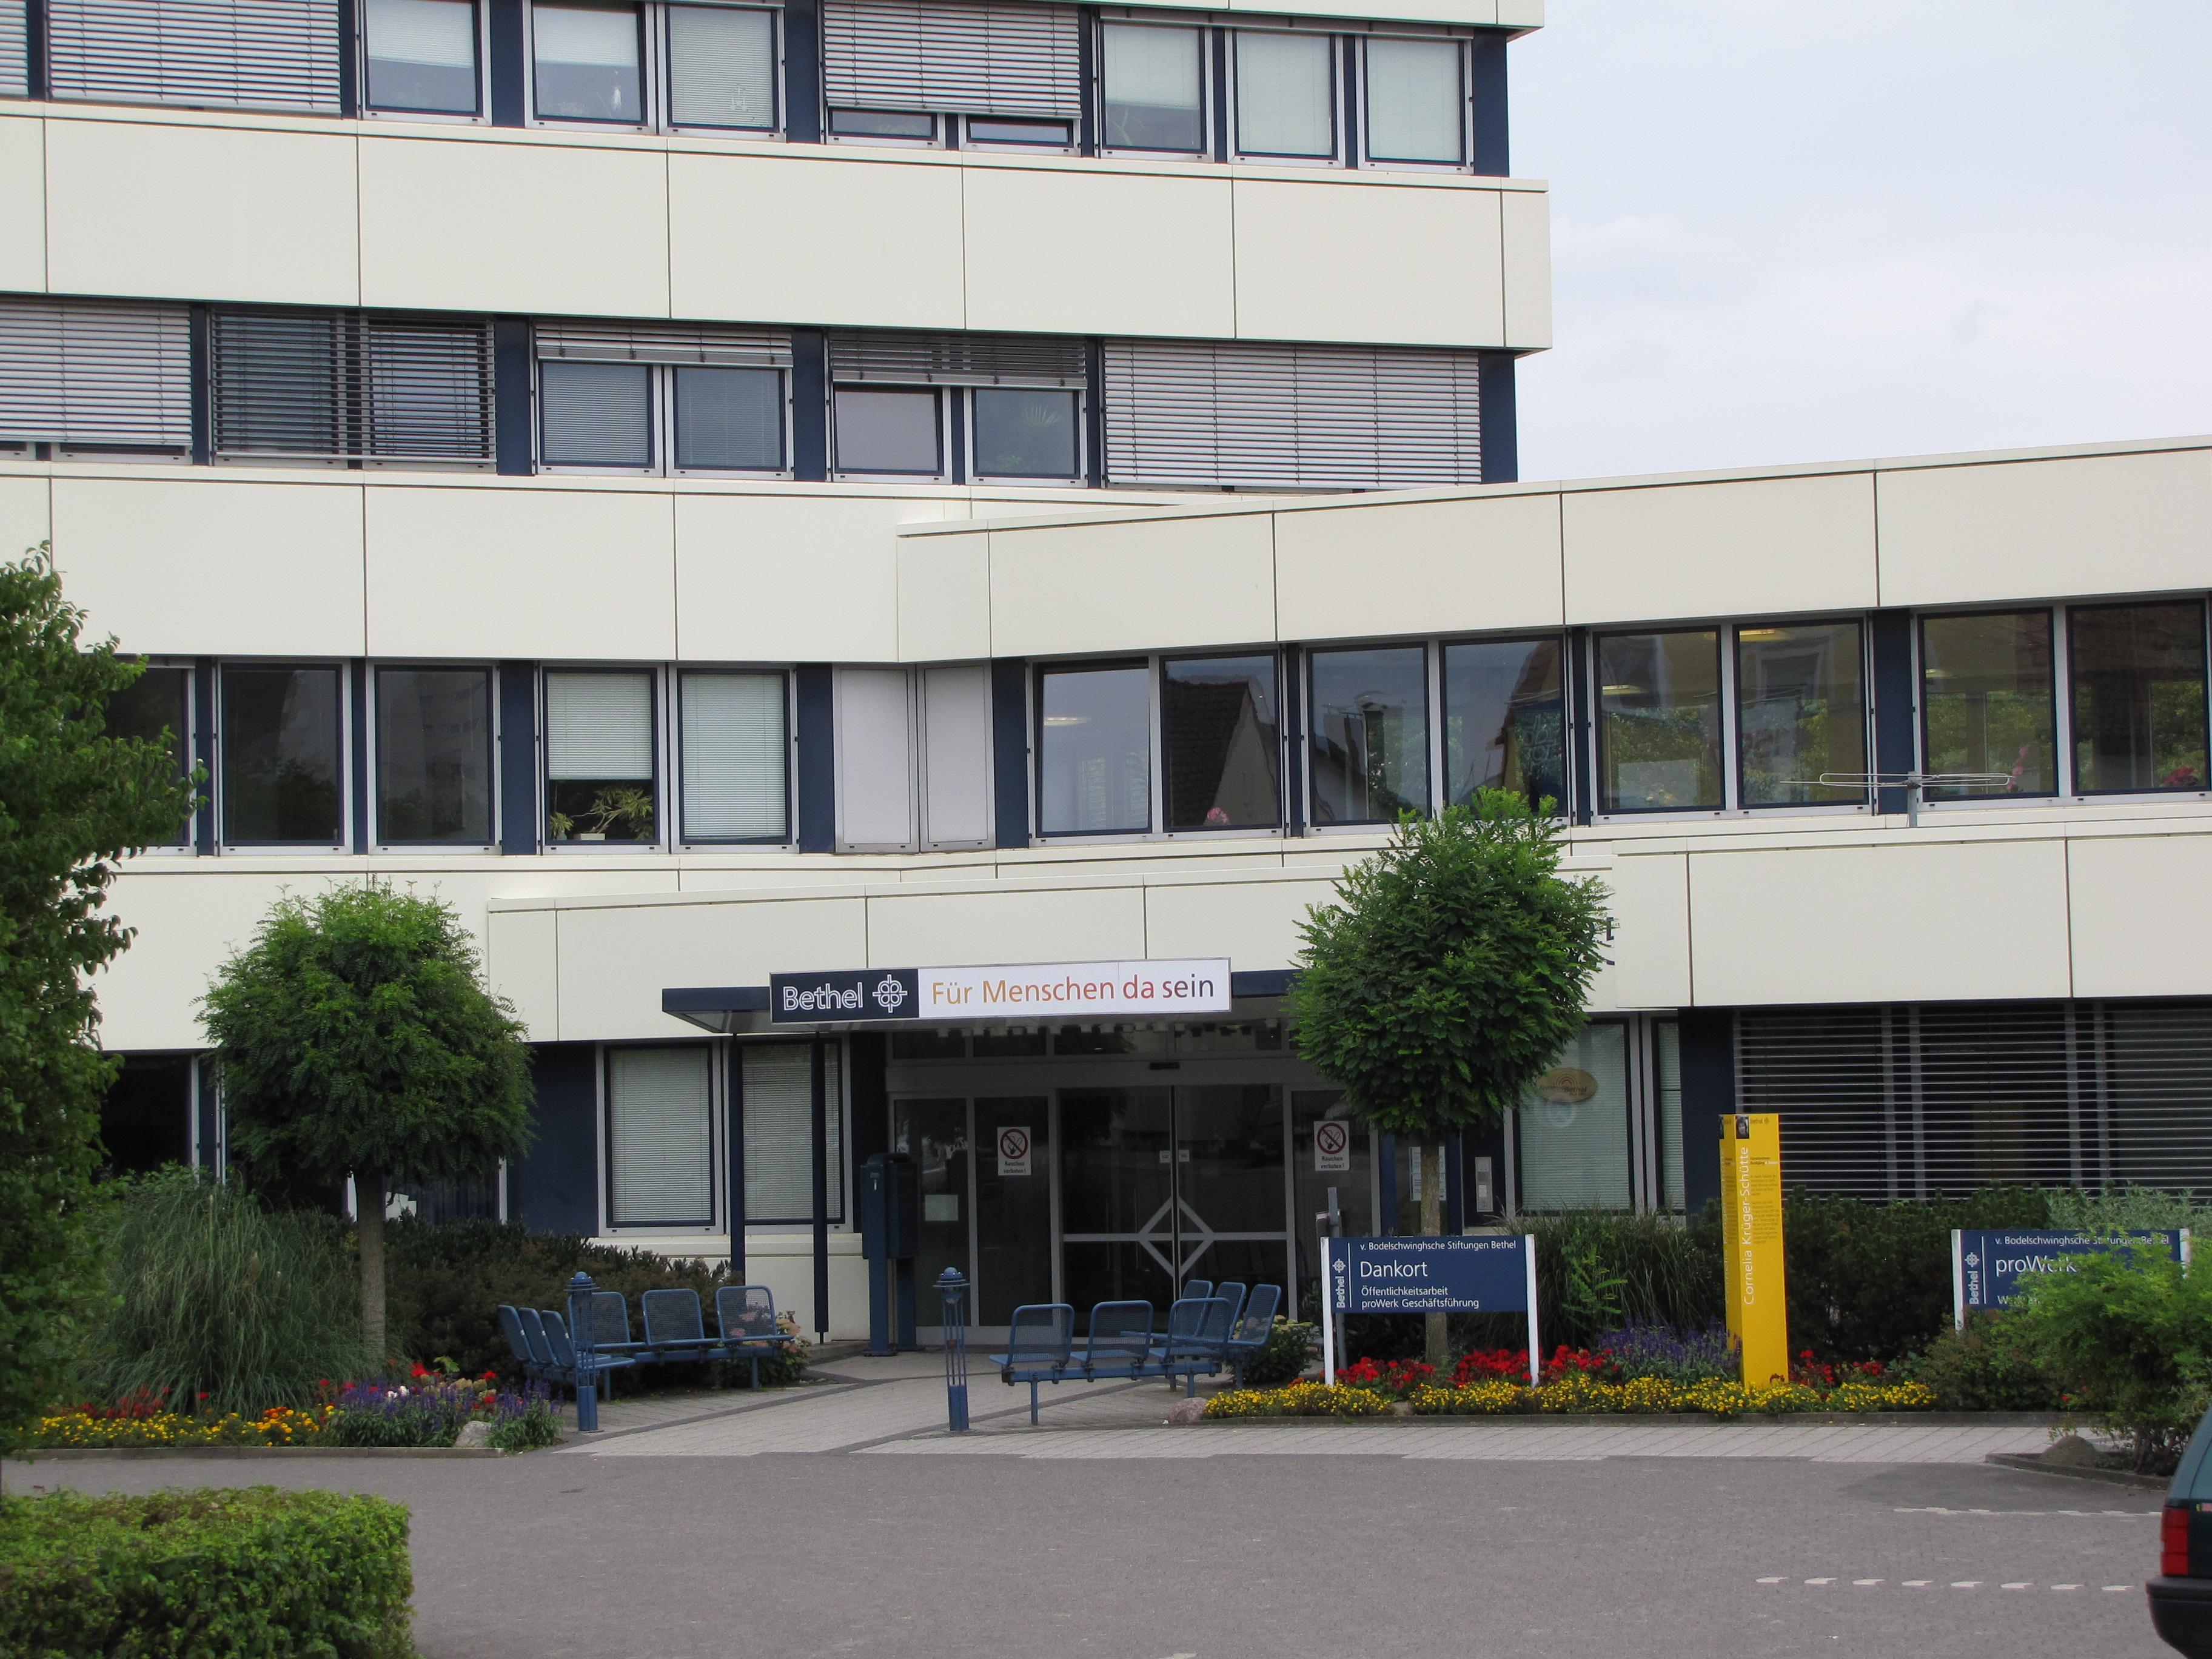 Bethel Bielefeld Bodelschwingsche Anstalten Bielefeld NRW (15)